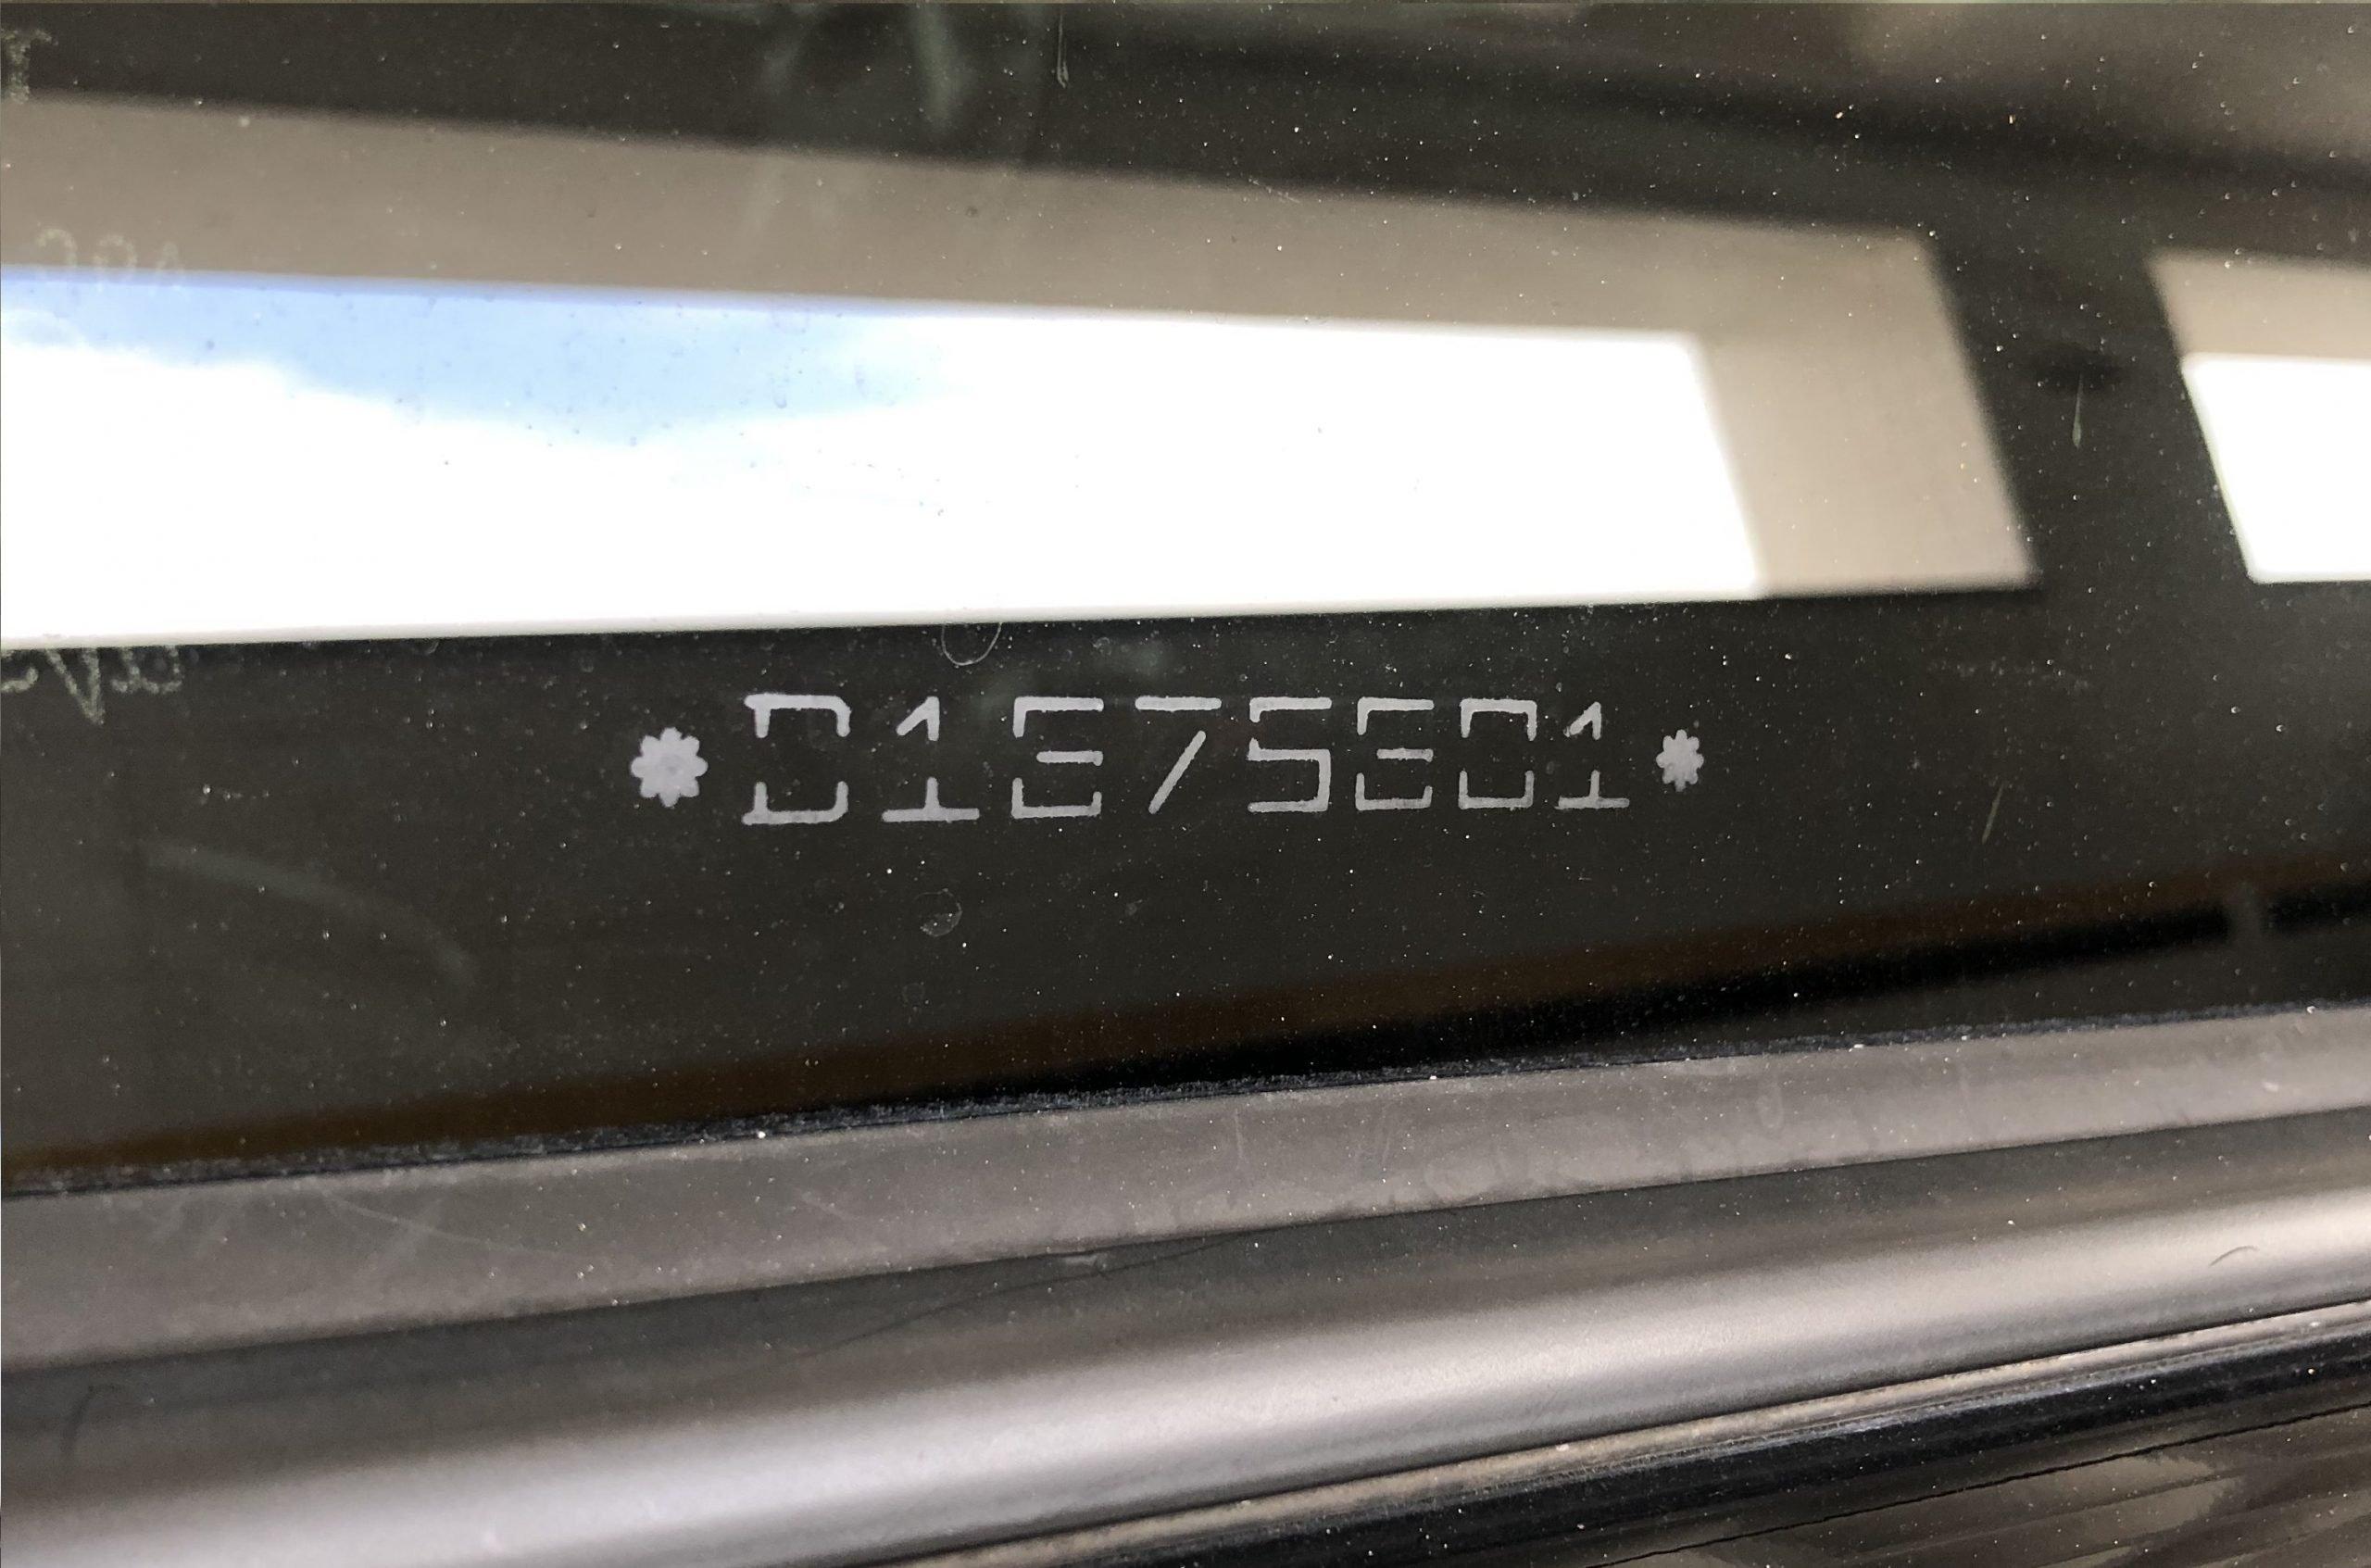 Código no canto inferior do vidro.